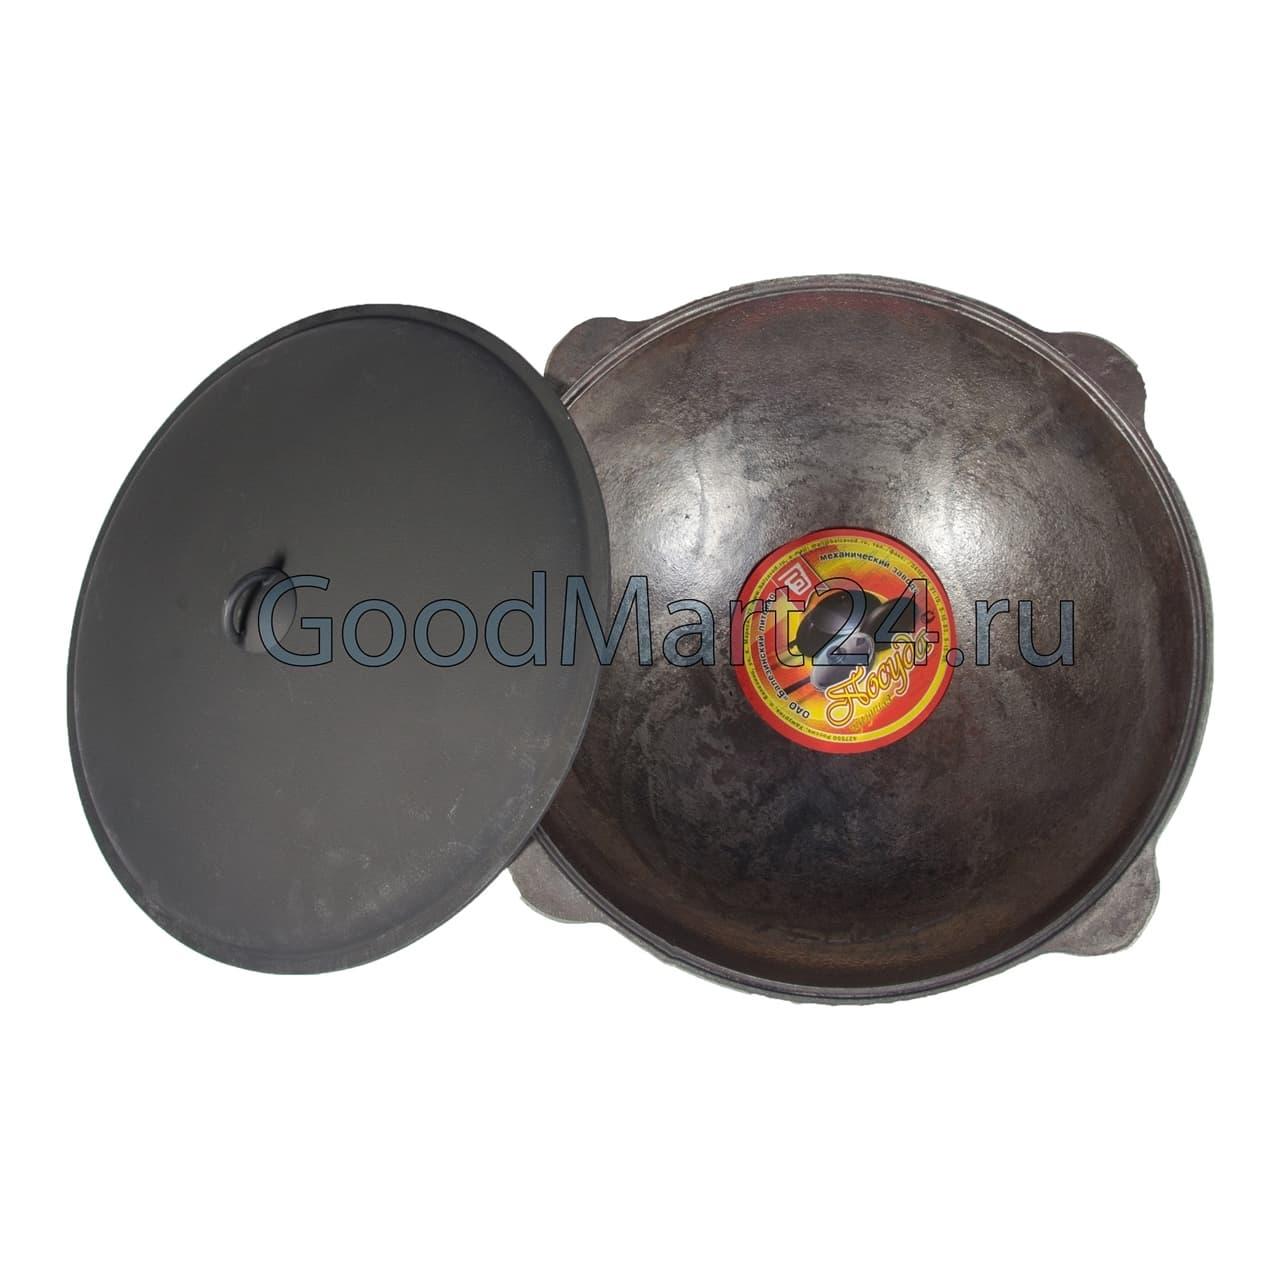 Заказать Комплект из чугунного казана БЛМЗ 25 литров и печь сталь 2 мм